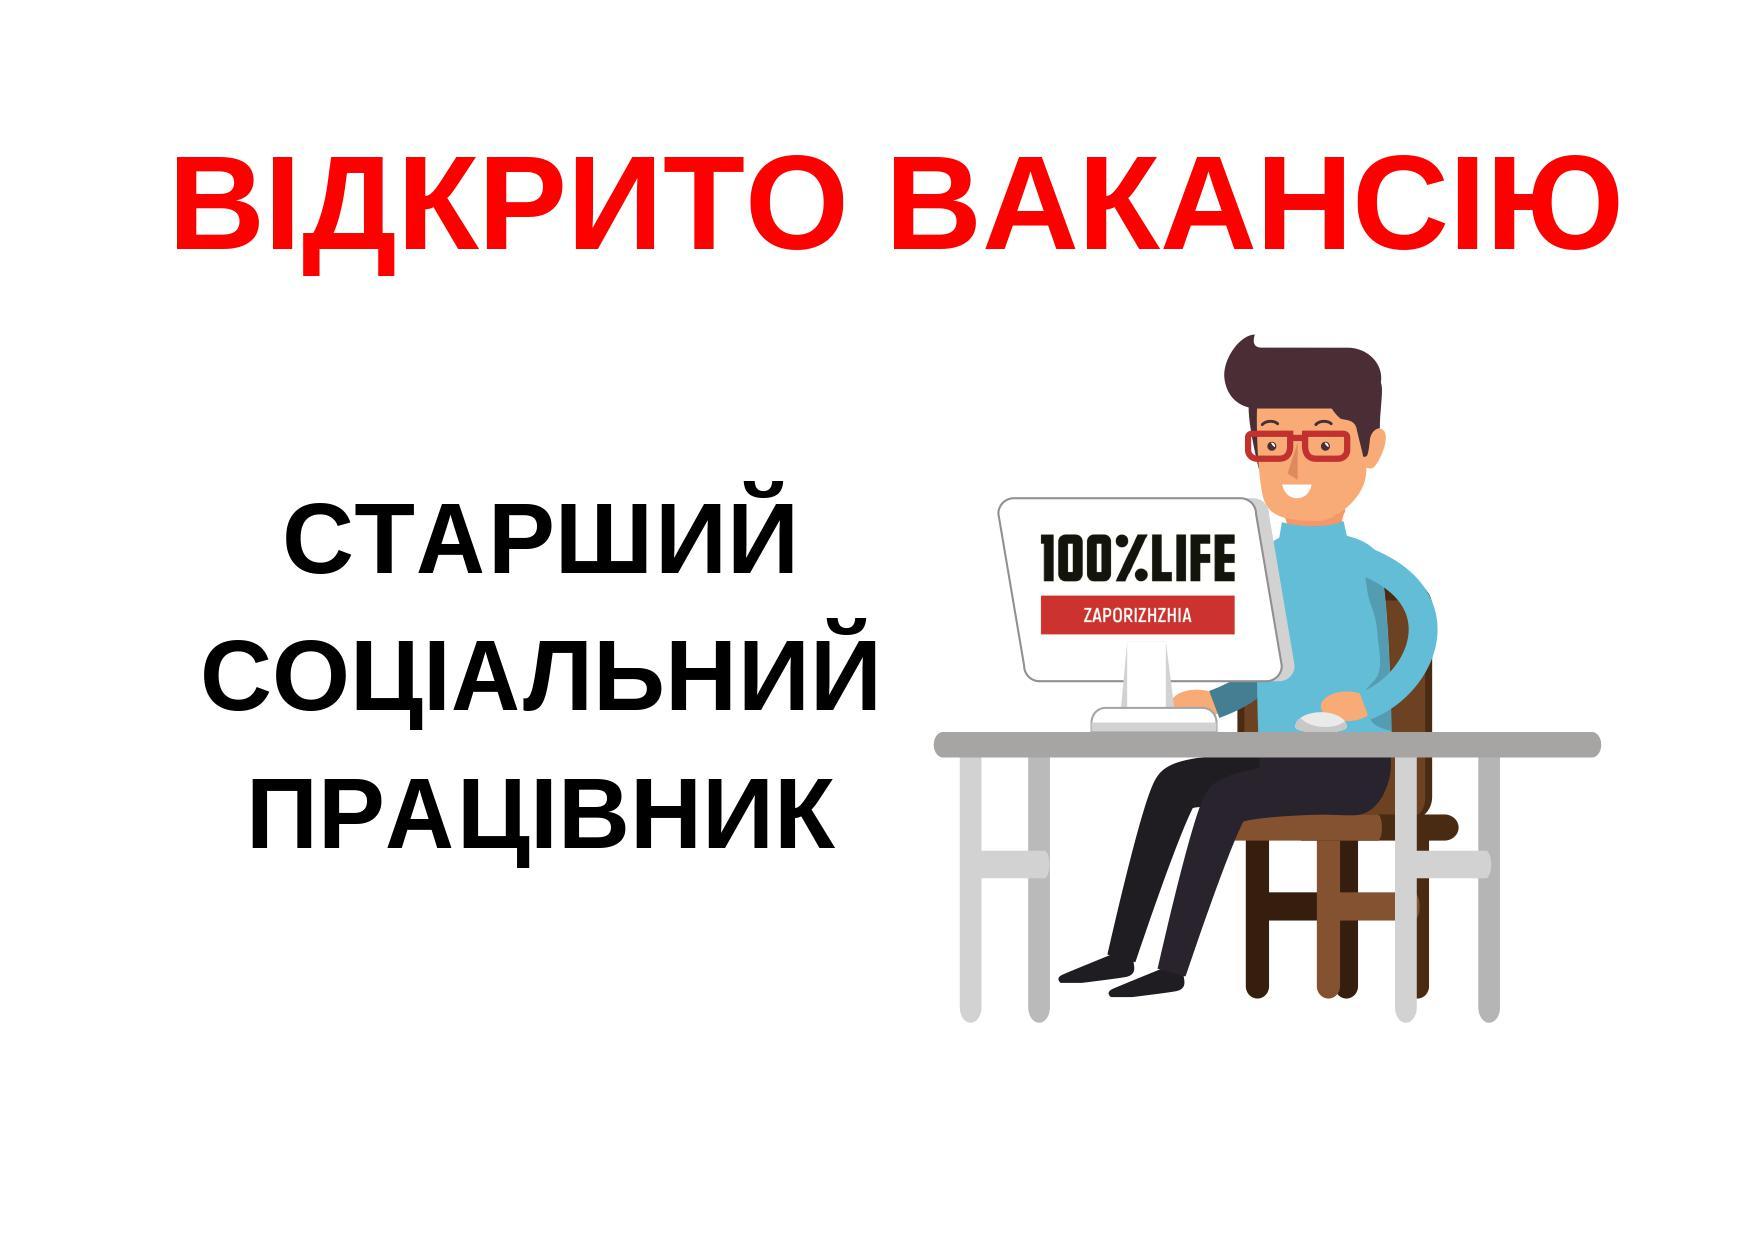 """БО """"Мережа 100% життя. Запоріжжя"""" оголошує про відкриттявакансіїстарший соціальний працівнику відділ соціальної роботи з ЛЖВ"""